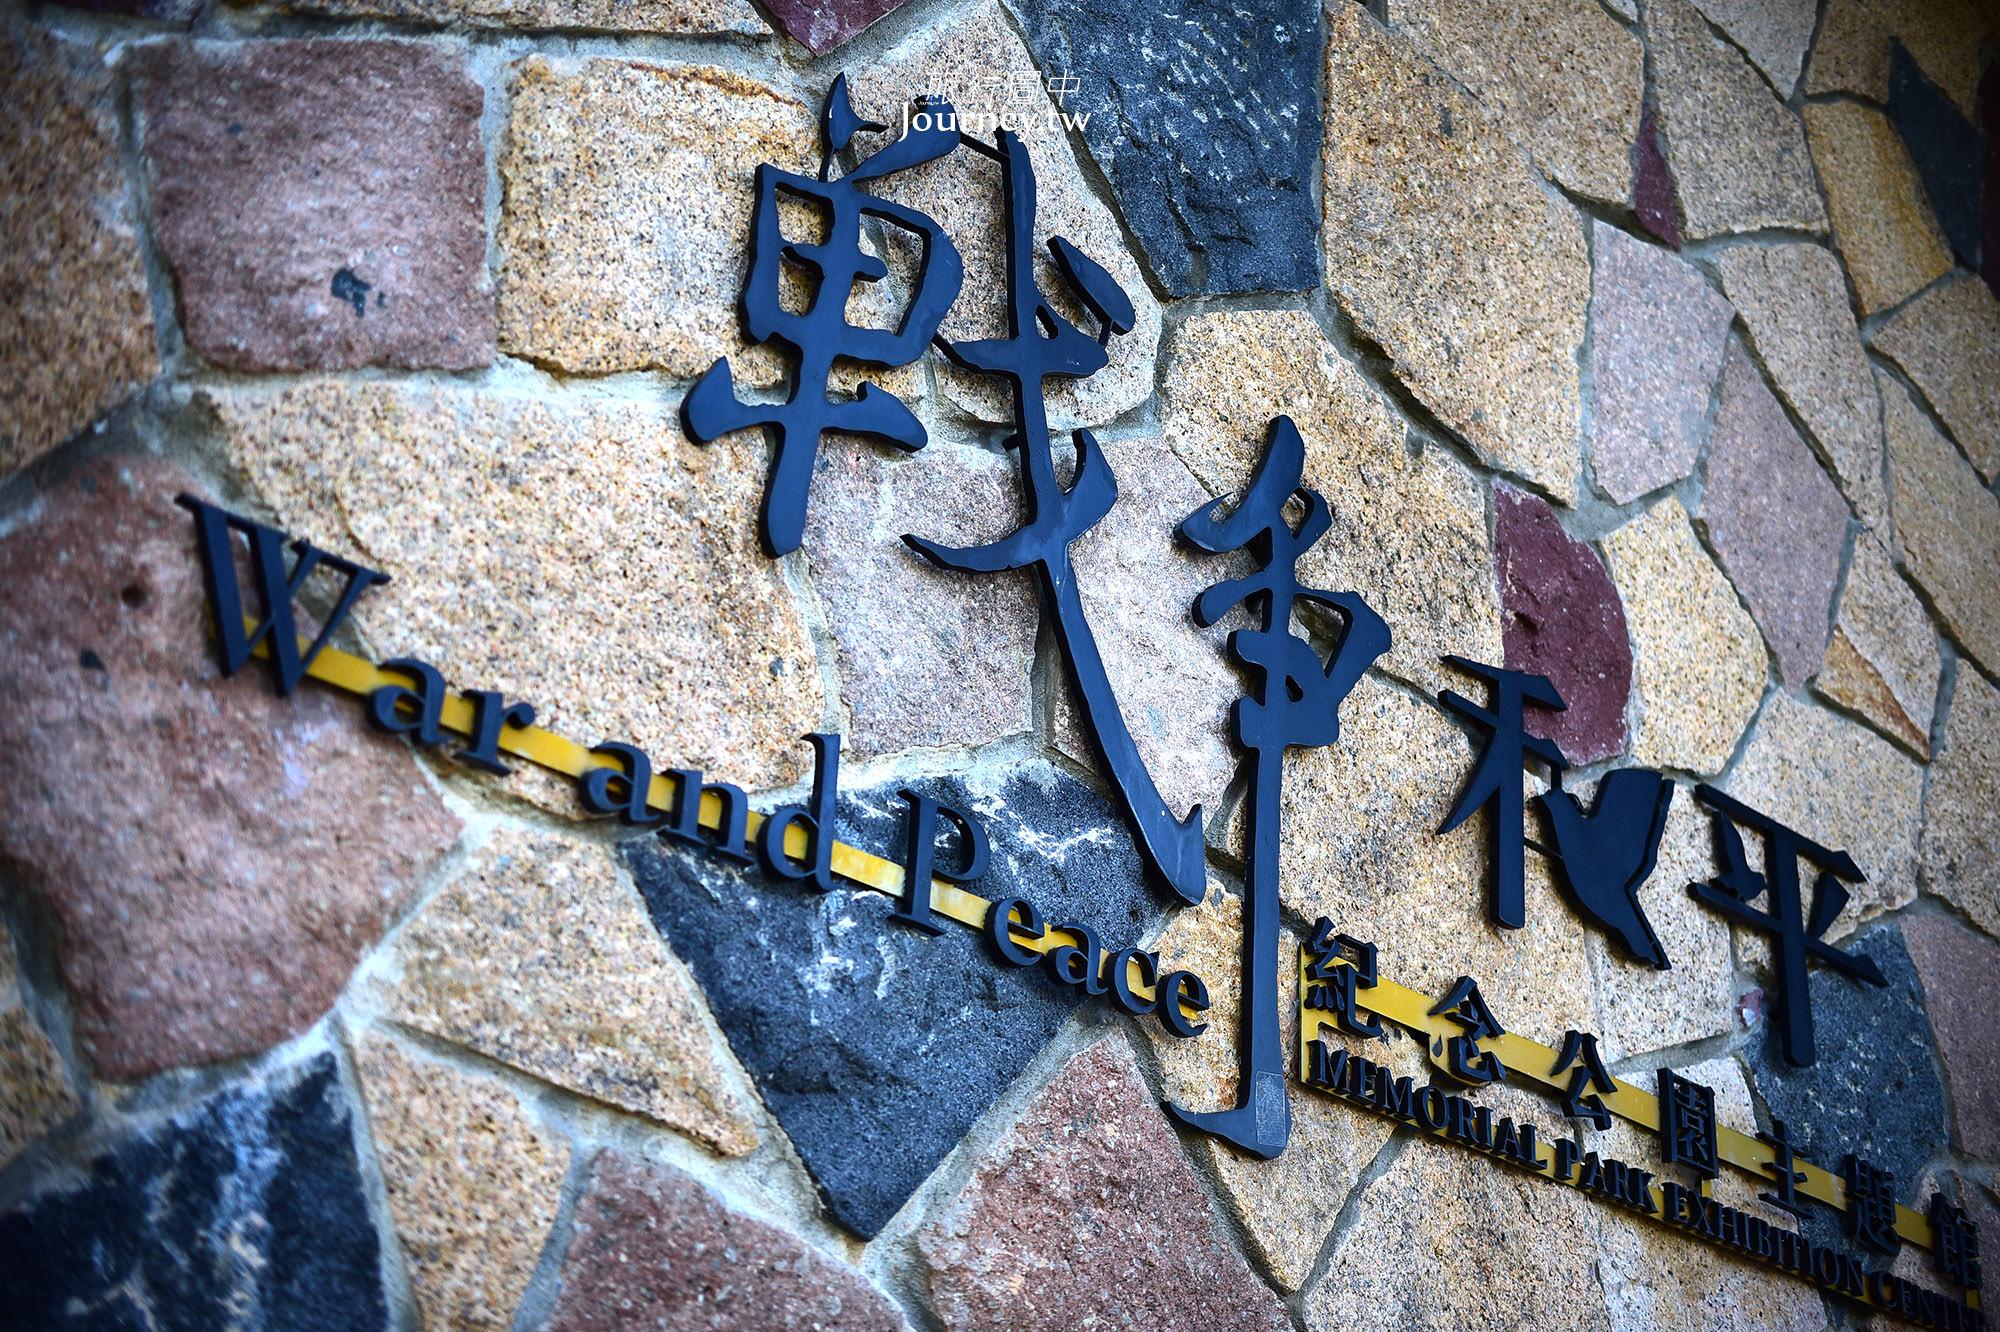 馬祖,北竿,馬祖景點,北竿景點,戰爭和平紀念館